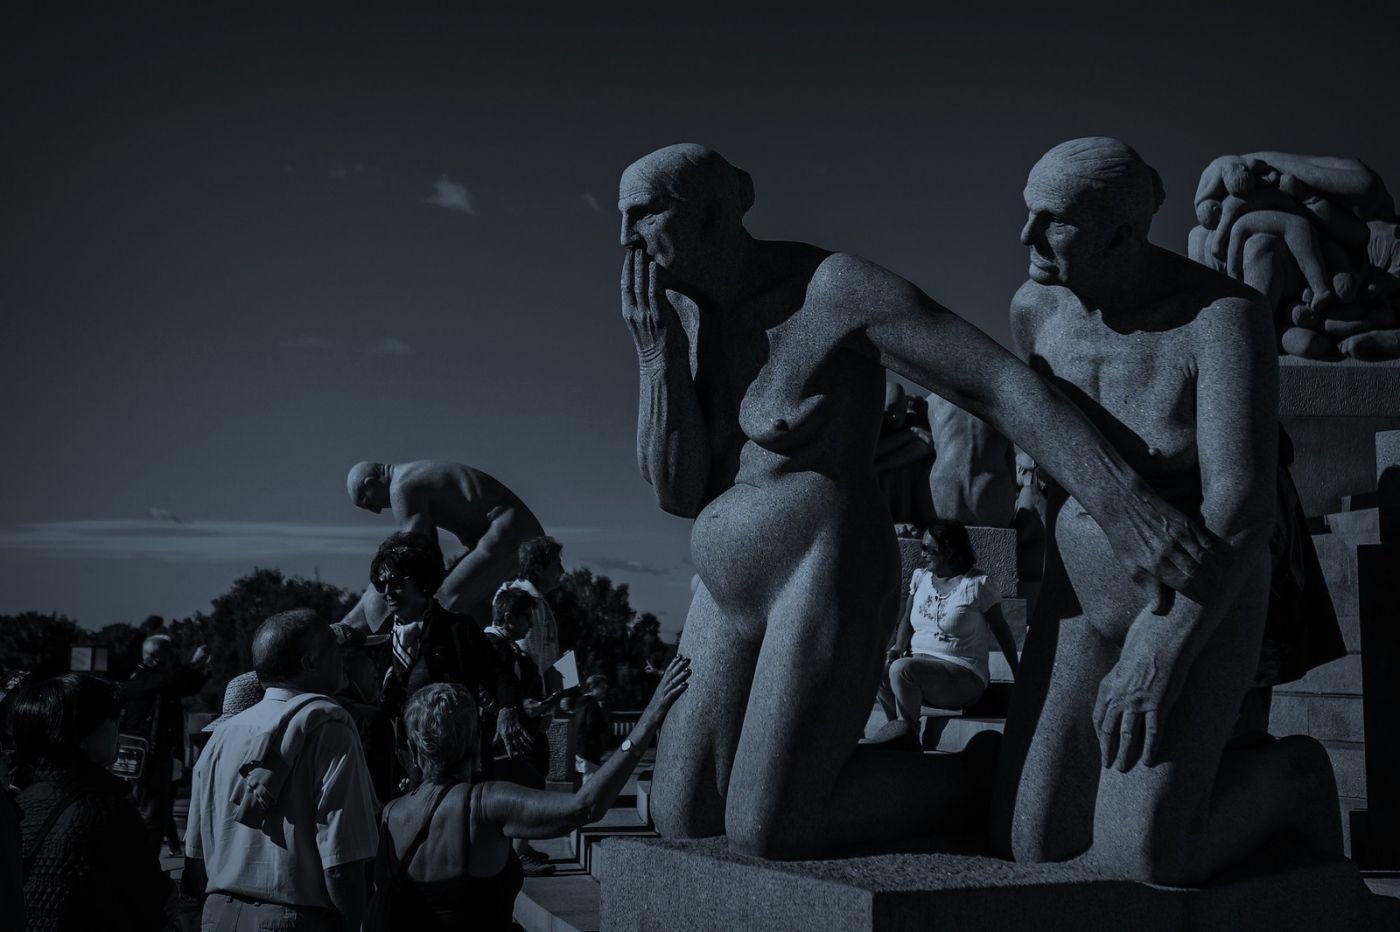 挪威维格兰雕塑公园,艺术的确来自生活_图1-9